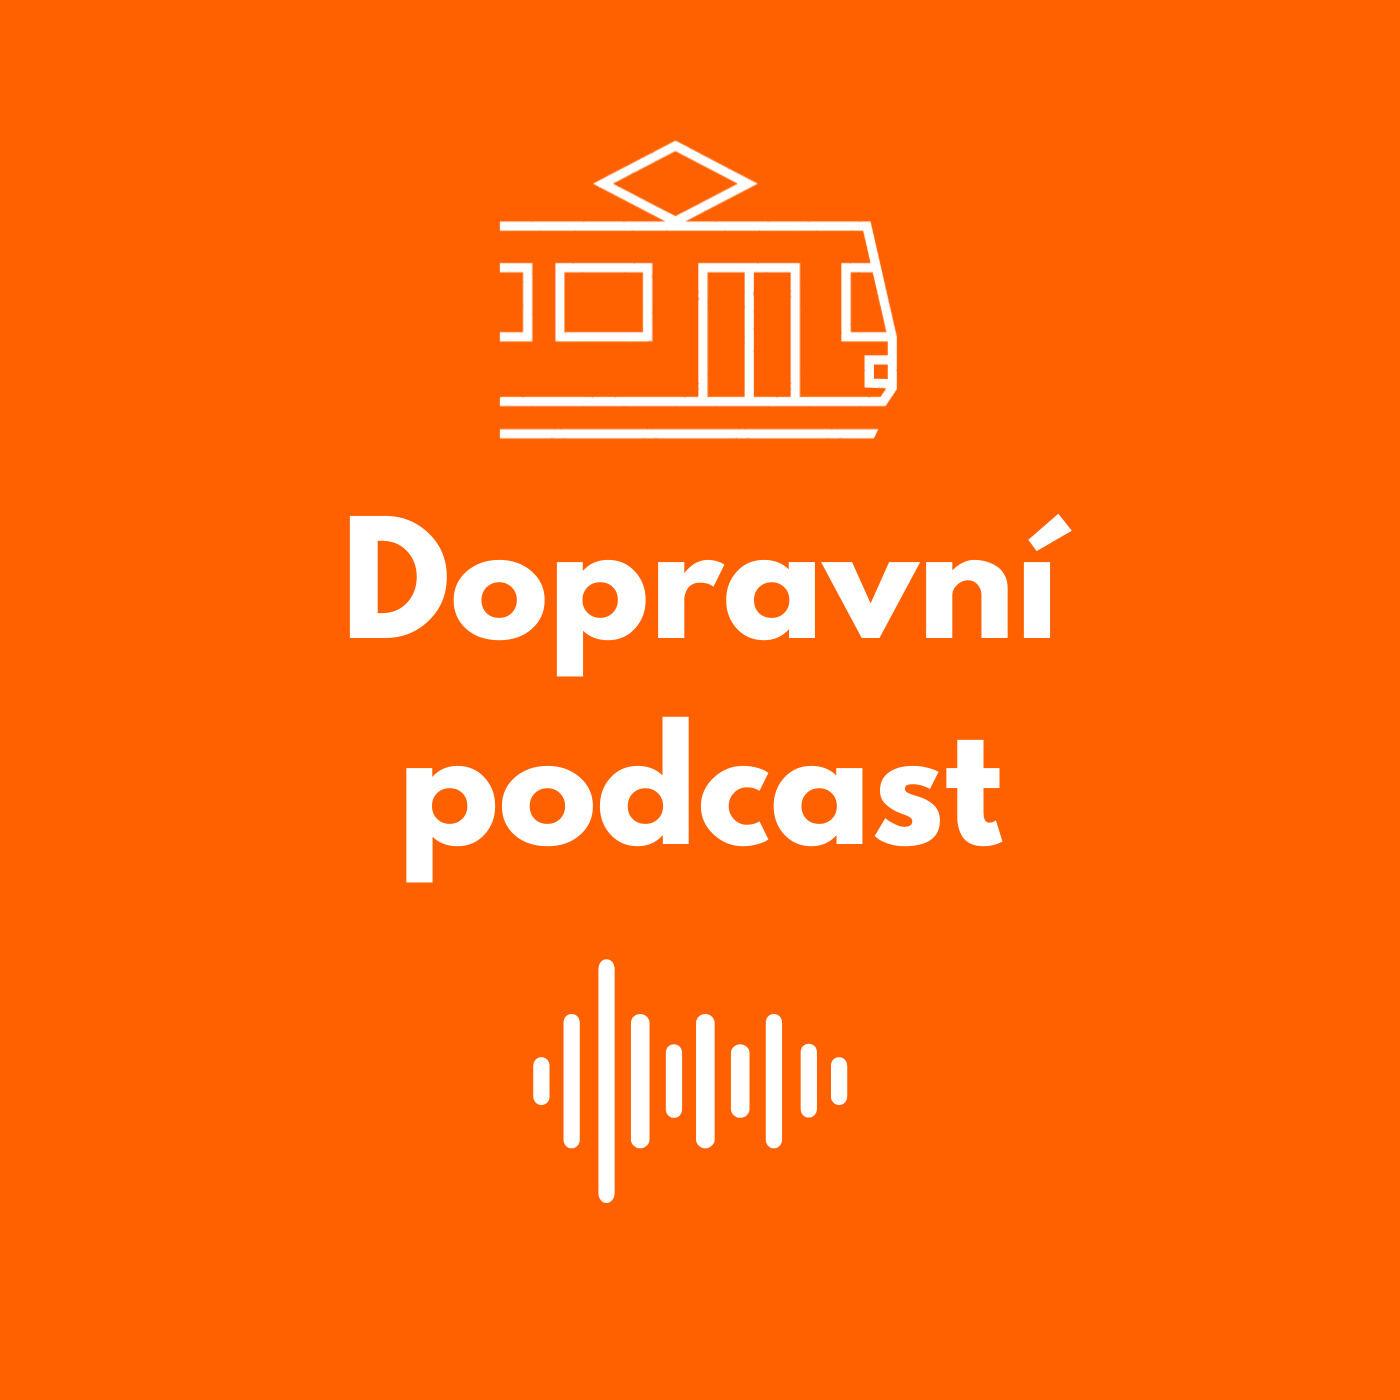 Dopravní podcast (77): Jsme s Vámi už 5 let